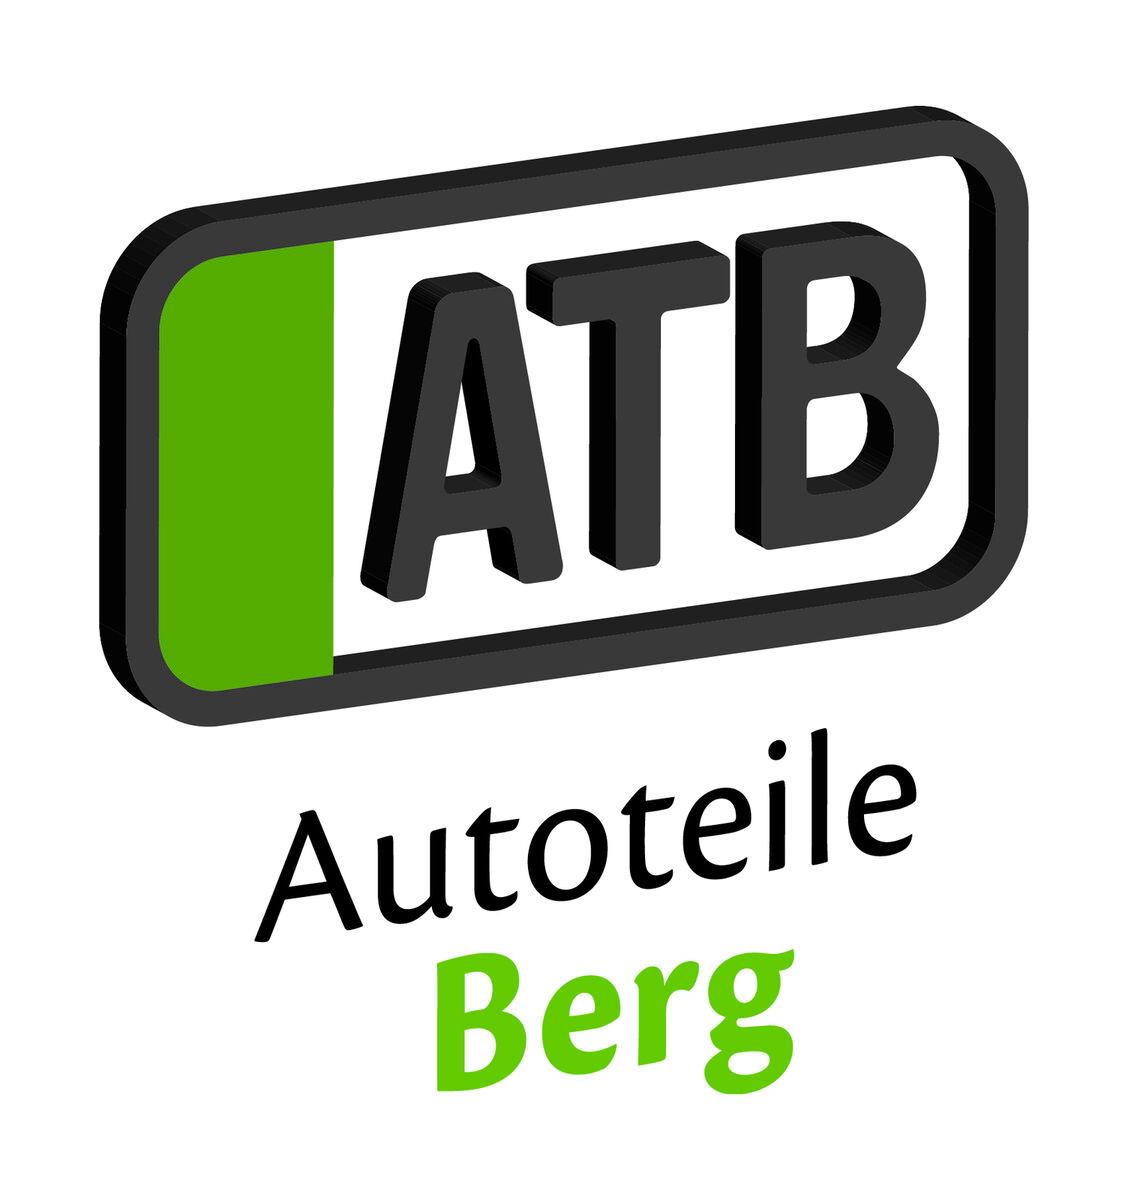 AUTOTEILE BERG